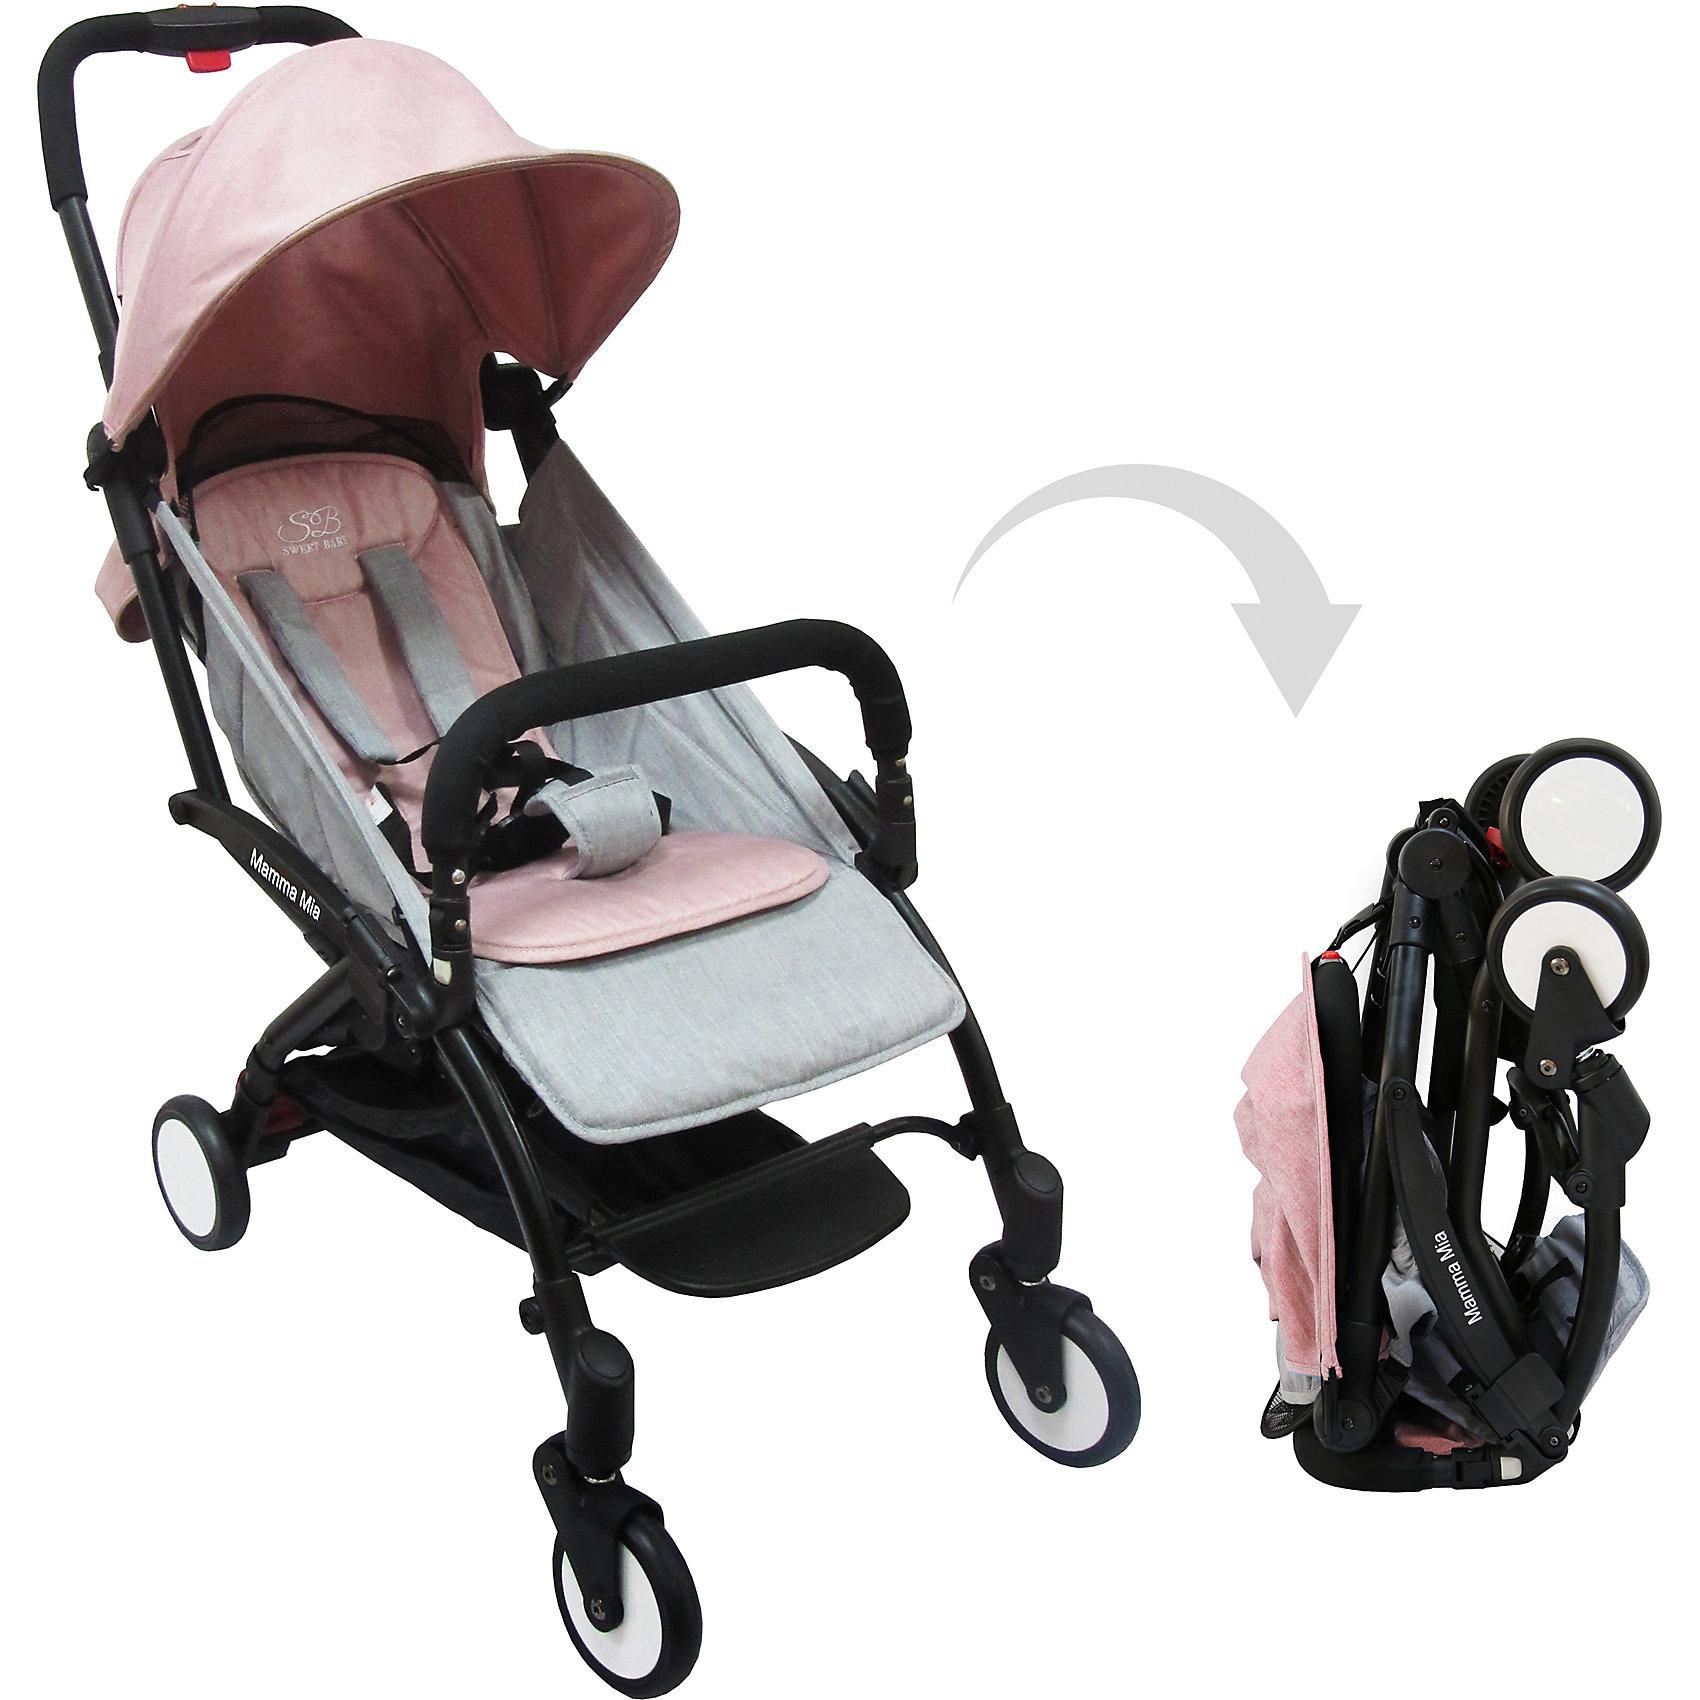 Прогулочная коляска Sweet Baby Mamma Mia Linen Bahamas, серо-розоваяПрогулочные коляски<br>Характеристики товара:<br><br>• цвет: Linen Bahamas, серо-розовый<br>• алюминиевая рама.<br>• регулируемая ремешком спинка коляски, угол наклона 165 градусов<br>• на сиденье со спинкой находится съемный матрасик с прорезями для ремней<br>• защитный съемный бампер перед ребенком<br>• пластиковая подножка для подросшего ребенка<br>• капюшон со смотровым окошком<br>• цельная ручка коляски с накладкой<br>• полиуретановые колеса<br>• передние поворотные (без блокировки)<br>• пружинная амортизация на передних колесах<br>• тип тормоза: ножной, на одном из задних колес<br>• механизм складывания: книжка<br>• коляска складывается одной рукой вместе с прогулочным блоком<br>• имеется ремень для переноски коляски на плече<br><br>Размер коляски: 67х45х103 см<br>Размер коляски в сложенном виде: 20х43х57 см<br>Вес коляски: 5,8 кг<br>Размер упаковки: 95х46х97 см<br>Вес в упаковке: 7,7 кг<br><br>Прогулочная коляска Mamma Mia бренда Sweet Baby имеет небольшой вес и компактный размер, что идеально для родителей, путешествующих с ребенком. В сложенном виде она очень компактна и без труда влезет в багажник или на полку самолета.<br><br>Прогулочную коляску Mamma Mia Linen Bahamas, Sweet Baby, цвет серо-розовый можно купить в нашем интернет-магазине.<br><br>Ширина мм: 950<br>Глубина мм: 460<br>Высота мм: 970<br>Вес г: 7770<br>Возраст от месяцев: 0<br>Возраст до месяцев: 36<br>Пол: Унисекс<br>Возраст: Детский<br>SKU: 5614396